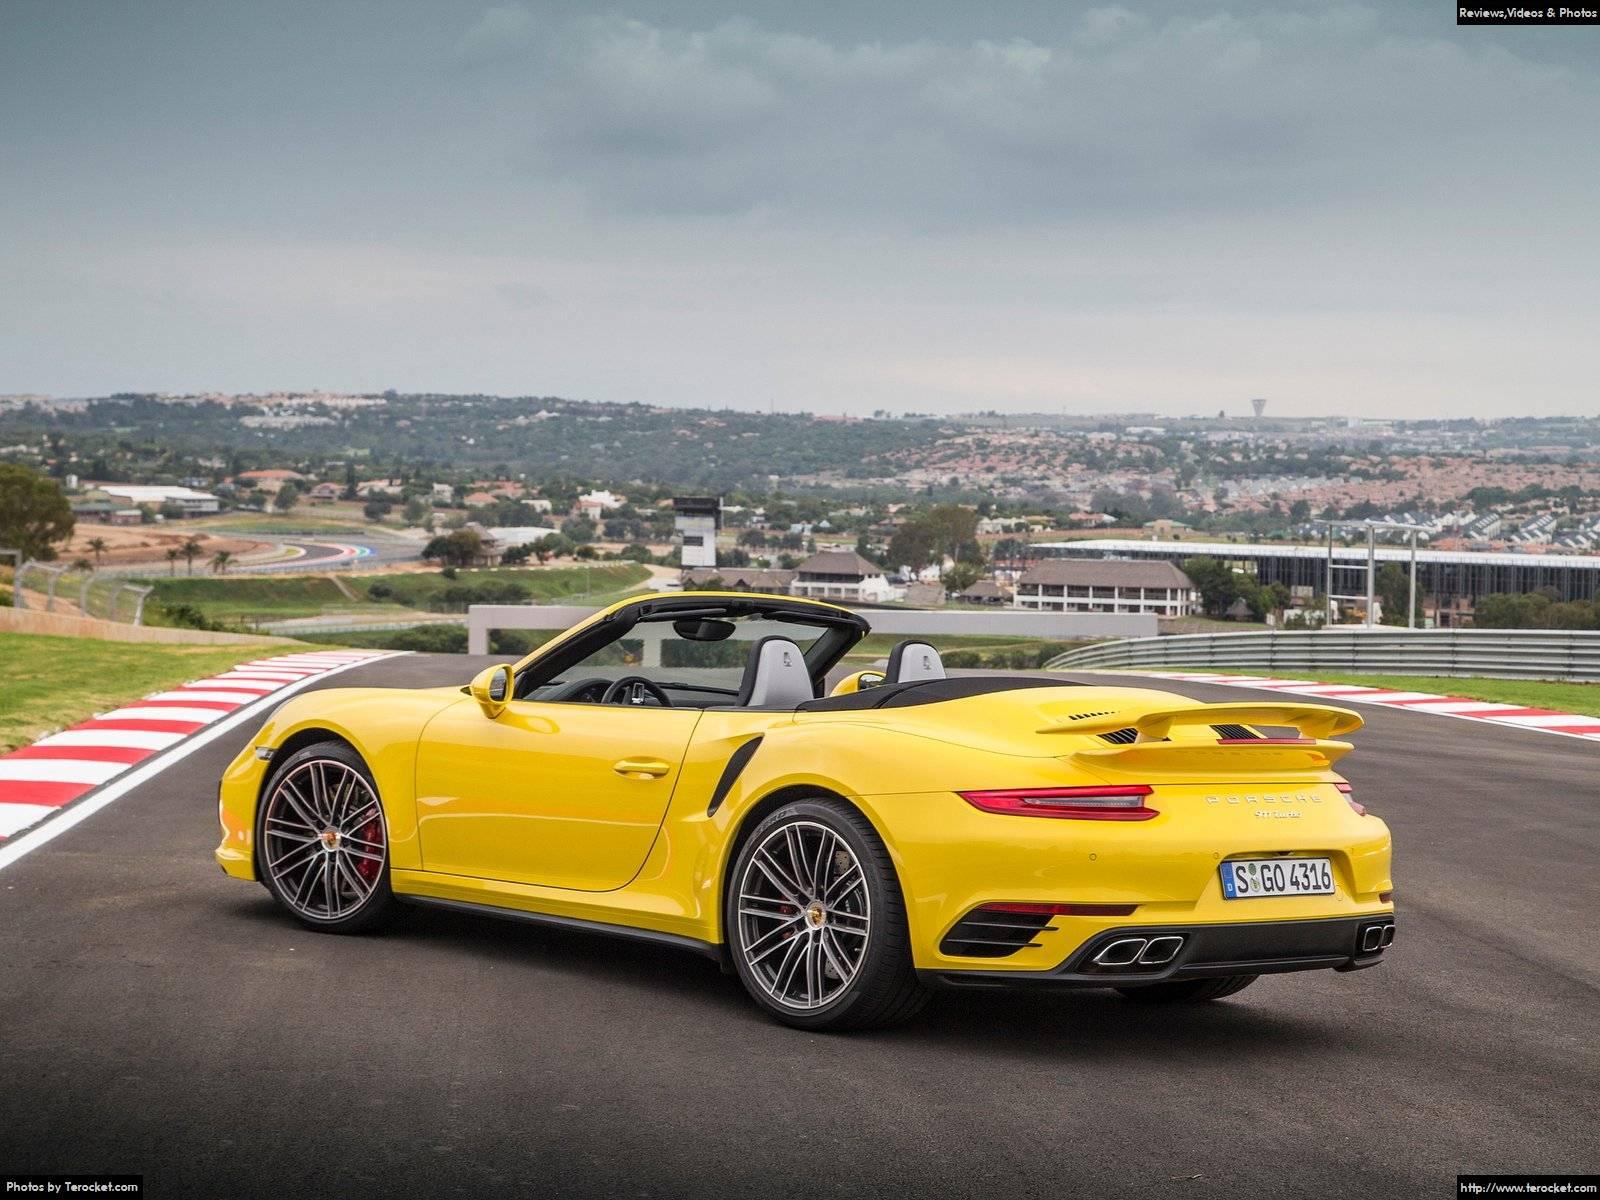 Hình ảnh xe ô tô Porsche 911 Turbo Cabriolet 2016 & nội ngoại thất